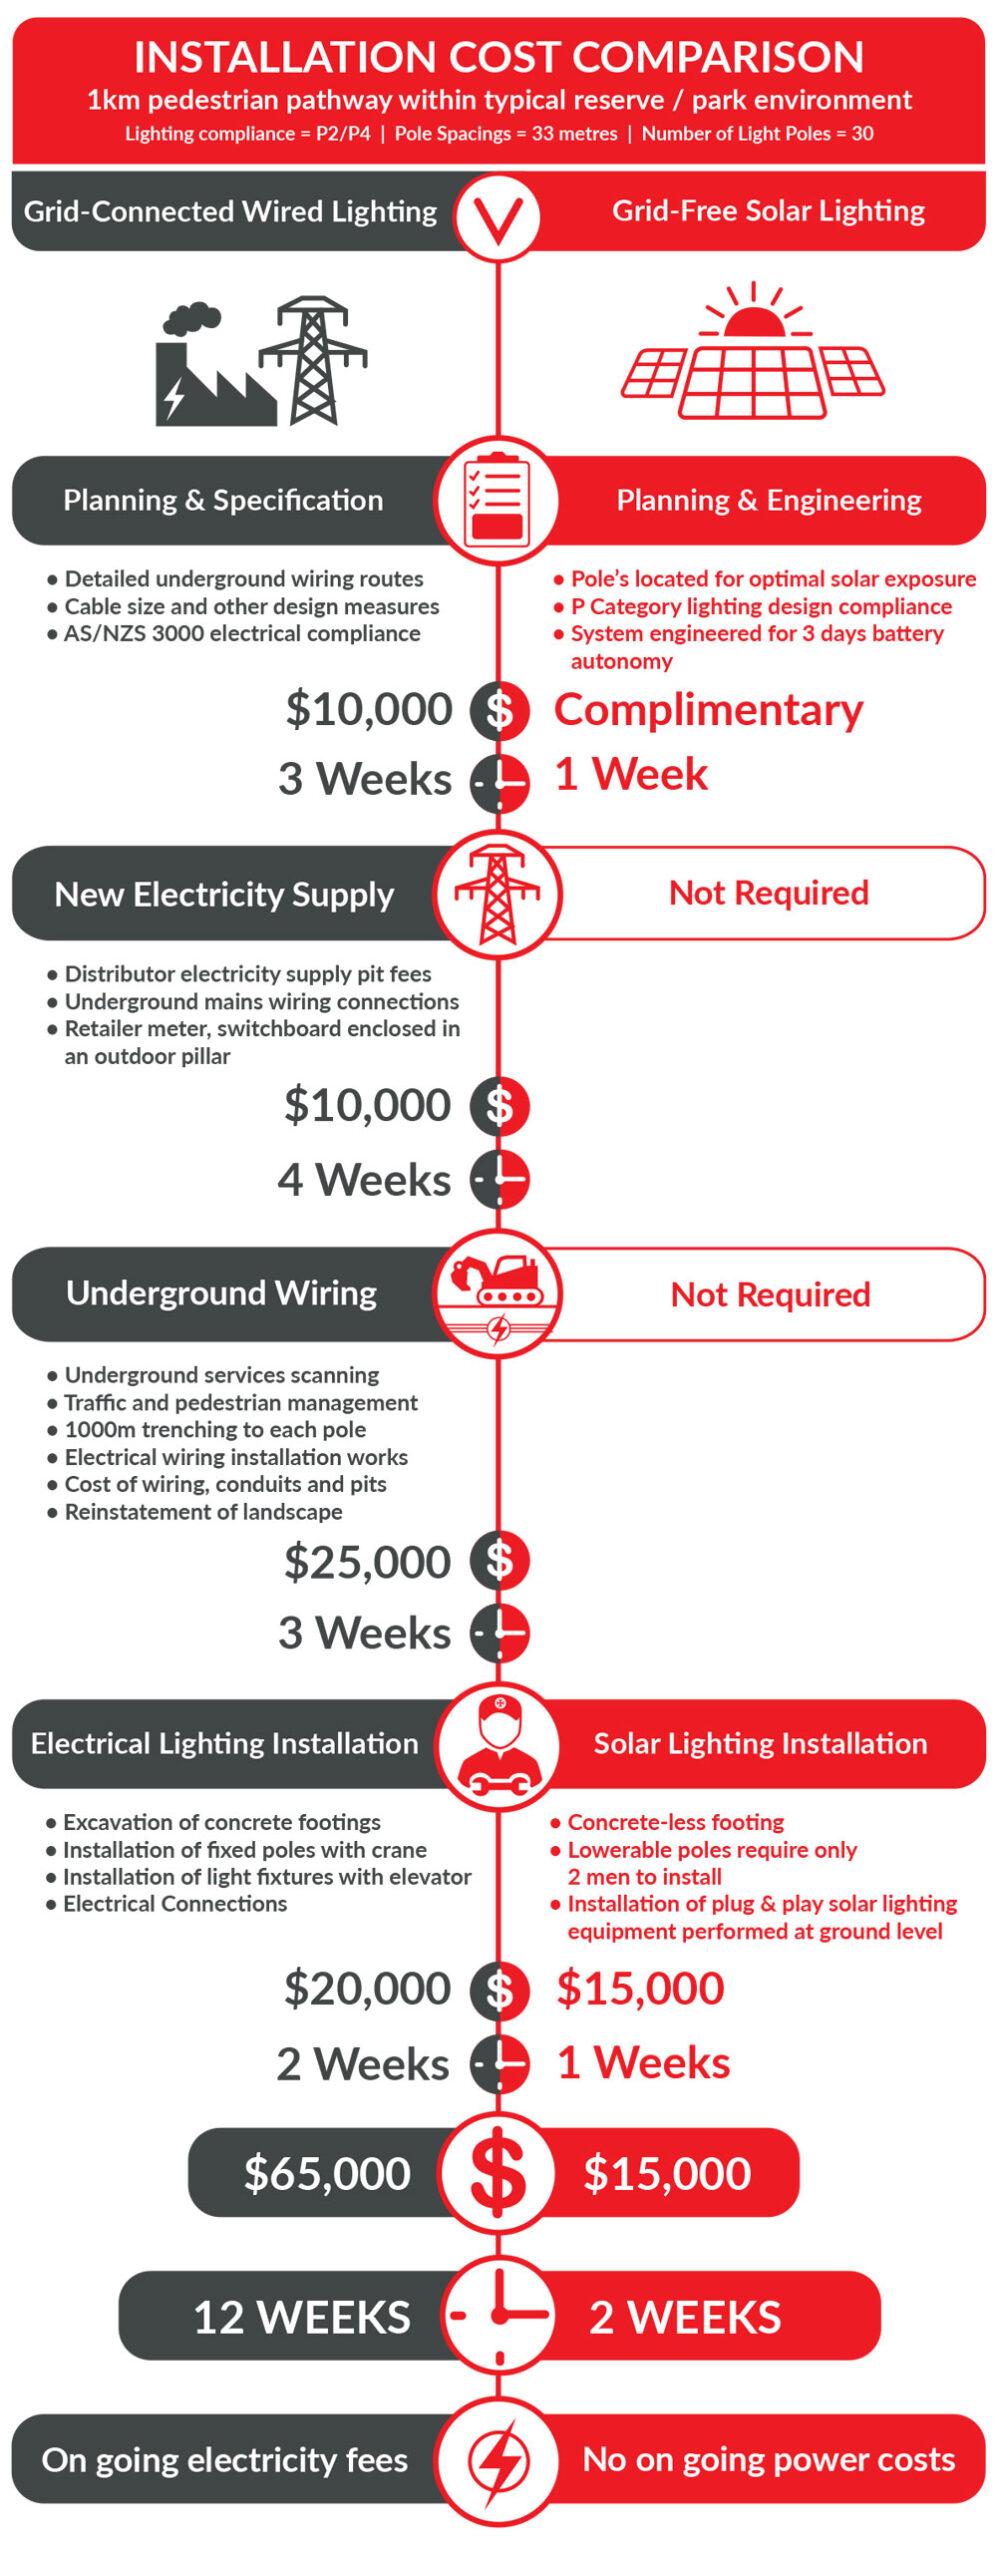 Installation-Cost-Comparison